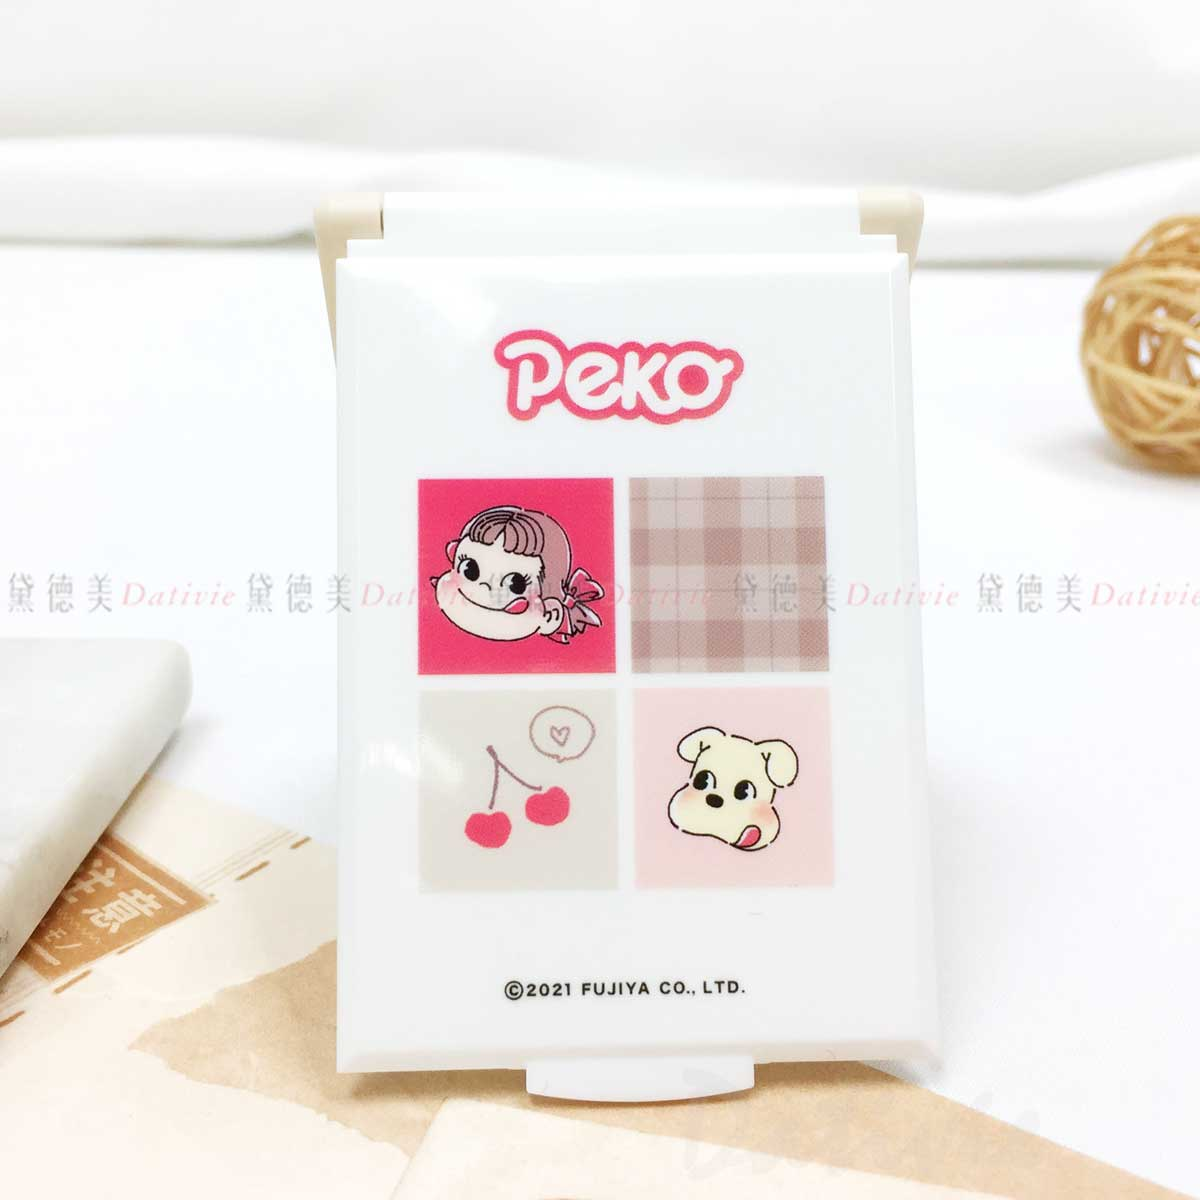 迷你摺疊鏡-MIRROR 不二家 PEKO FUJIYA 三麗鷗 Sanrio 日本進口正版授權